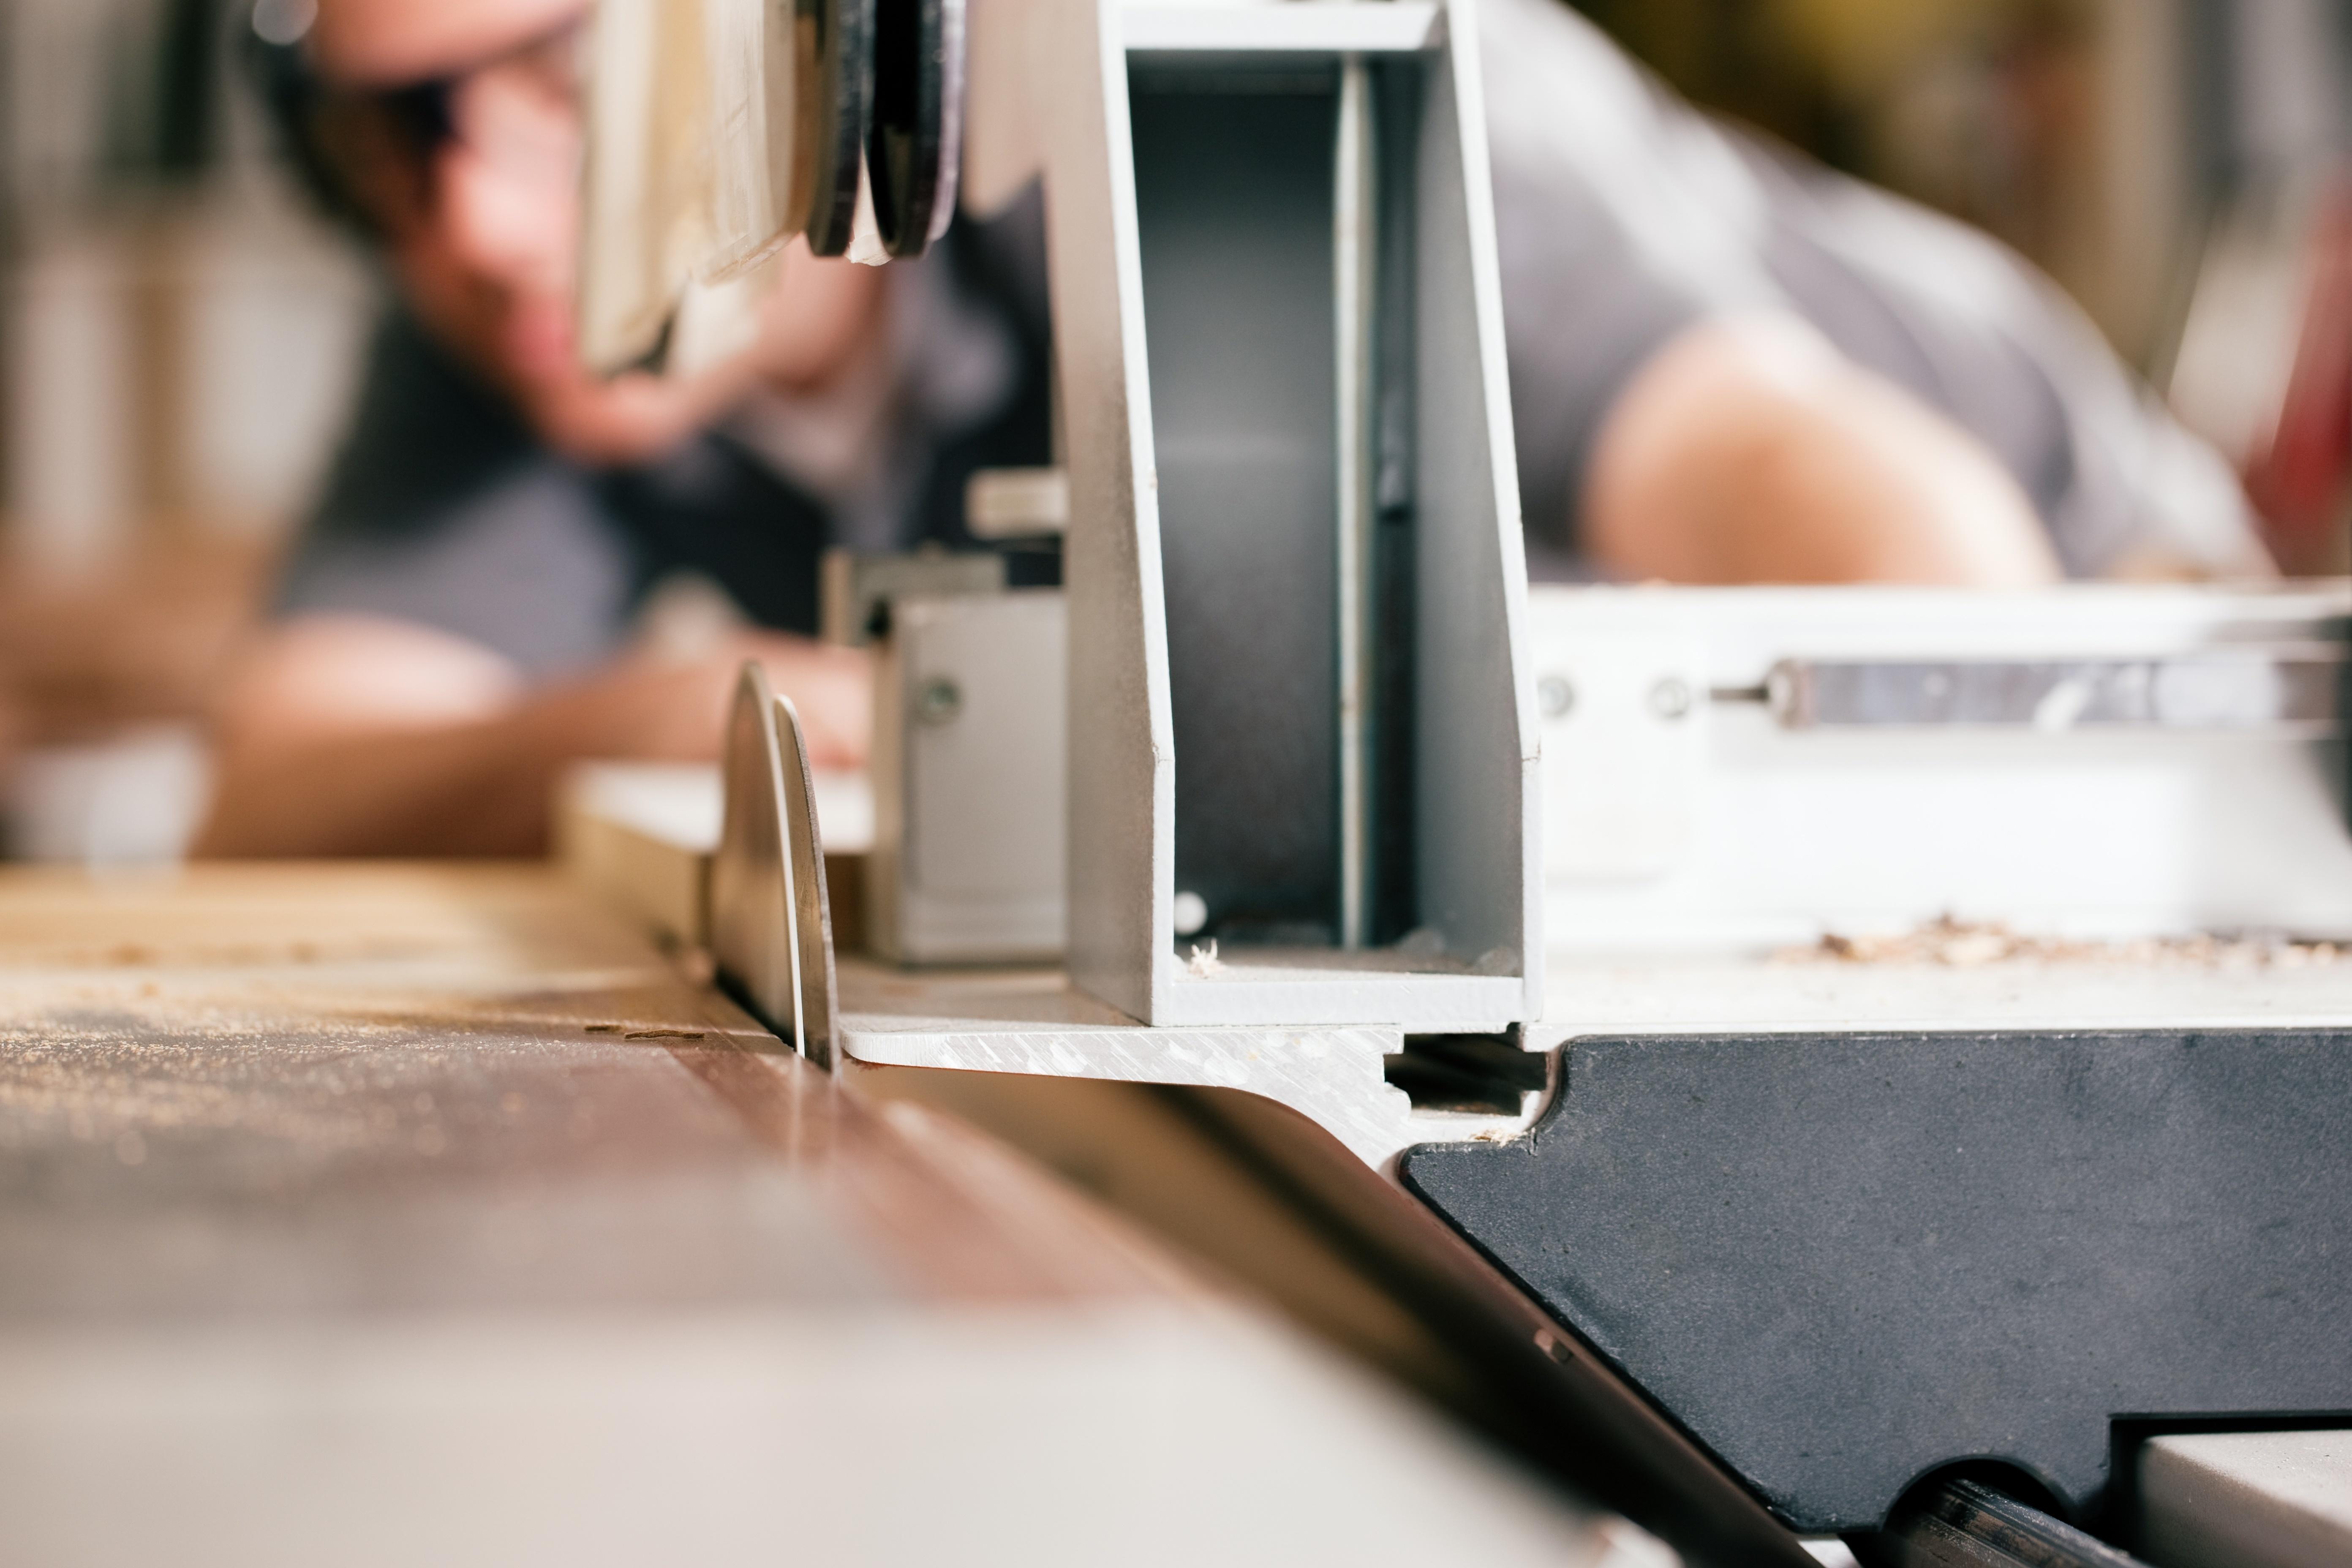 Ofrecen múltiples ventajas gracias a su portabilidad y a que permiten obtener una gran precisión en el corte.